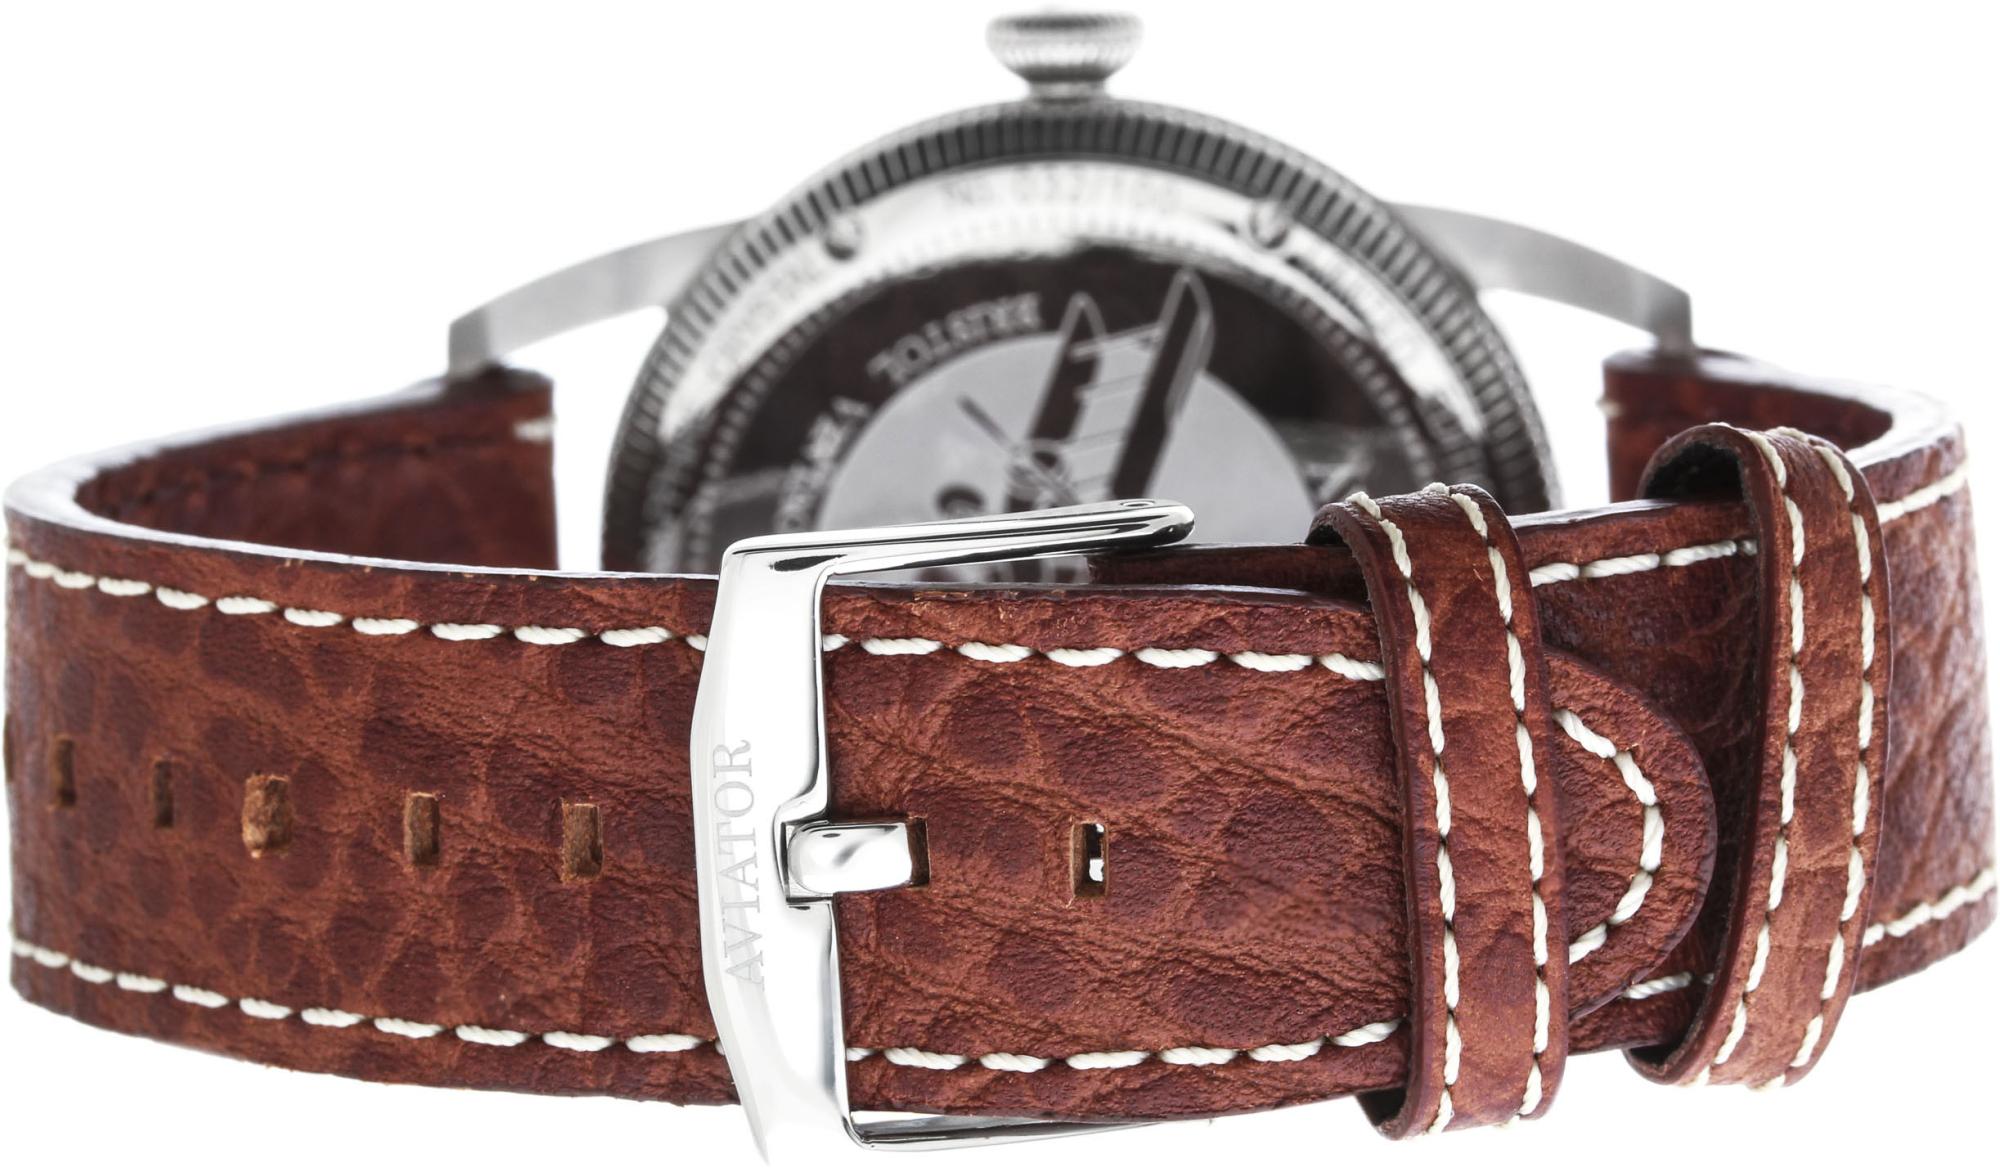 Aviator Bristol V.3.07.0.081.4Наручные часы<br>Швейцарские часы Aviator Bristol V.3.07.0.081.4Представленная модель входит в коллекцию Bristol. Это великолепные мужские часы. Материал корпуса часов — Сталь. Ремень — Кожа. В этой модели стоит Сапфировое стекло. Водозащита - 50 м.<br><br>Пол: мужские<br>Страна-производитель: Швейцария<br>Механизм: Механический<br>Материал корпуса: Сталь<br>Материал ремня/браслета: Кожа<br>Водозащита, диапазон: 20 - 100 м<br>Стекло: Сапфировое<br>Толщина корпуса: None<br>Стиль: None